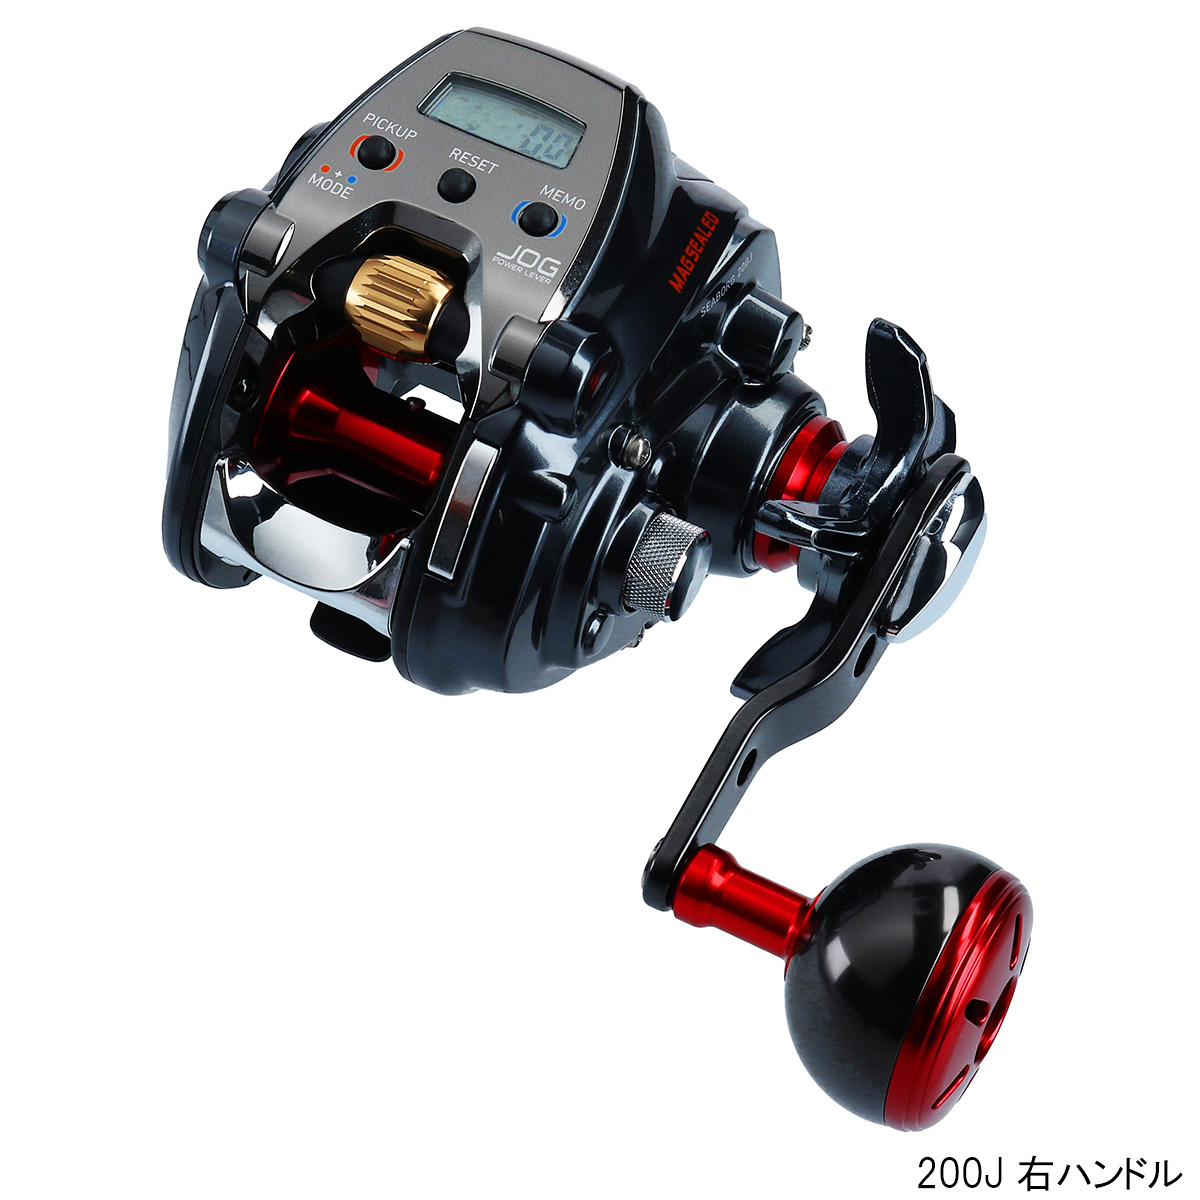 ダイワ シーボーグ 200J 右ハンドル(東日本店)